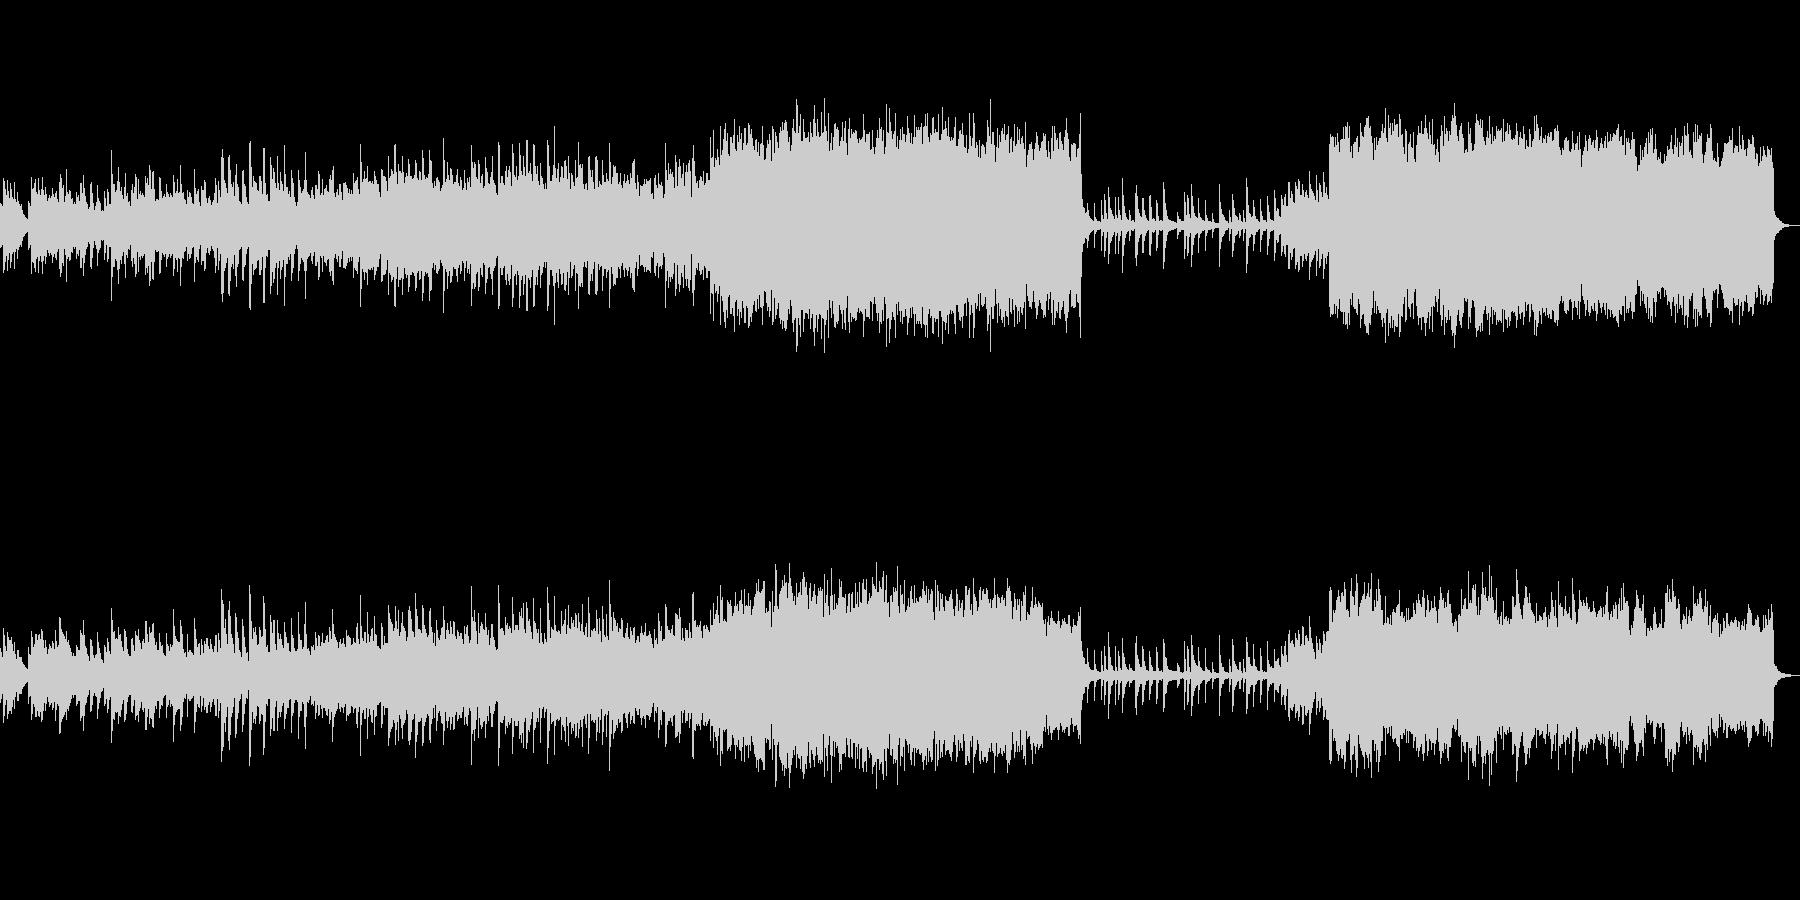 ピアノとストリングスのノスタルジックな曲の未再生の波形